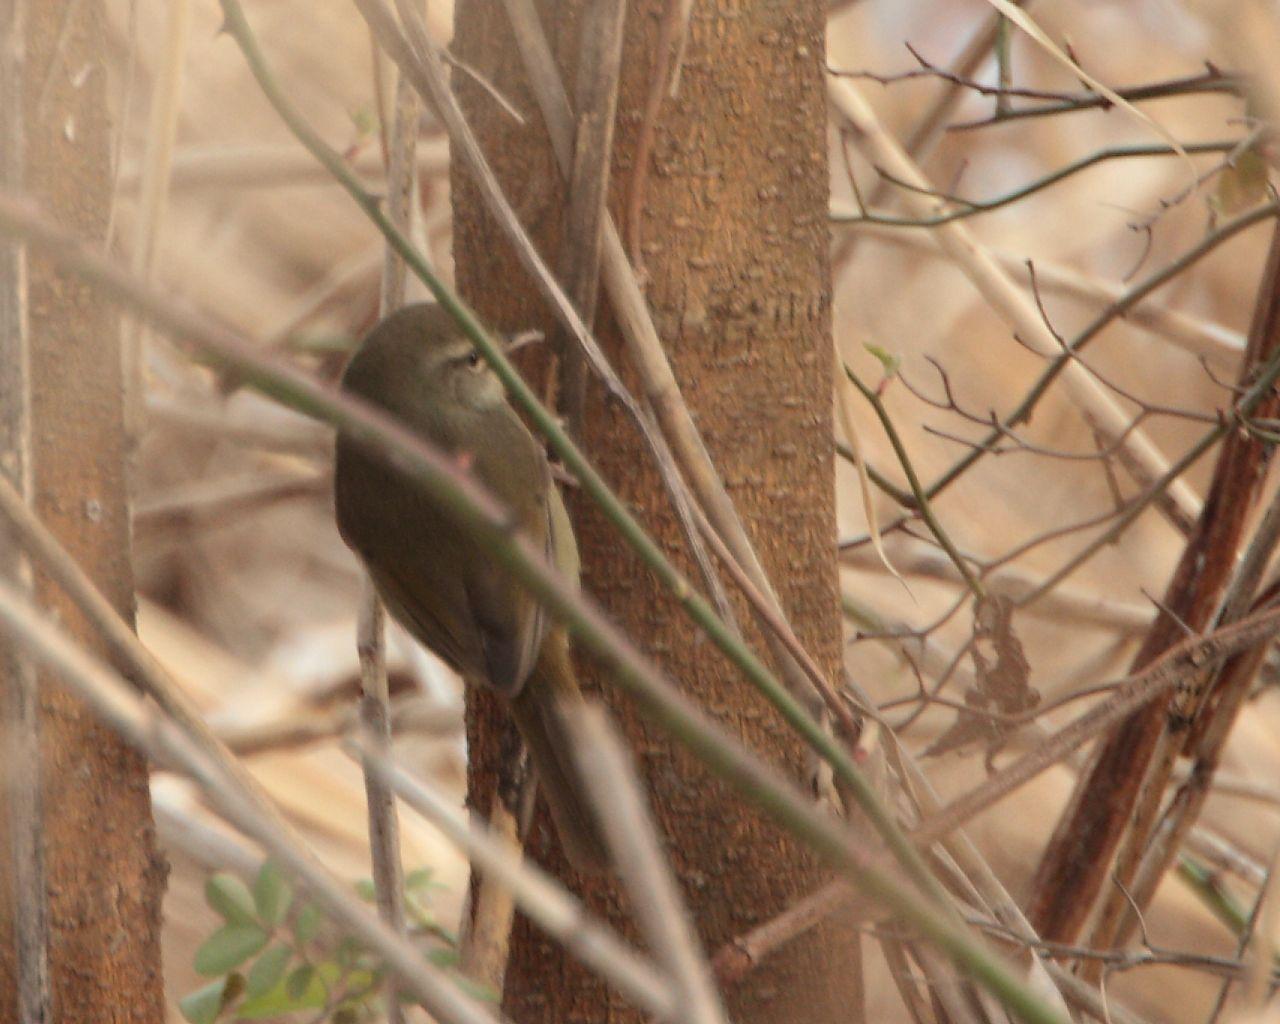 ノビタキのポイントで珍鳥発見?_f0105570_18124868.jpg